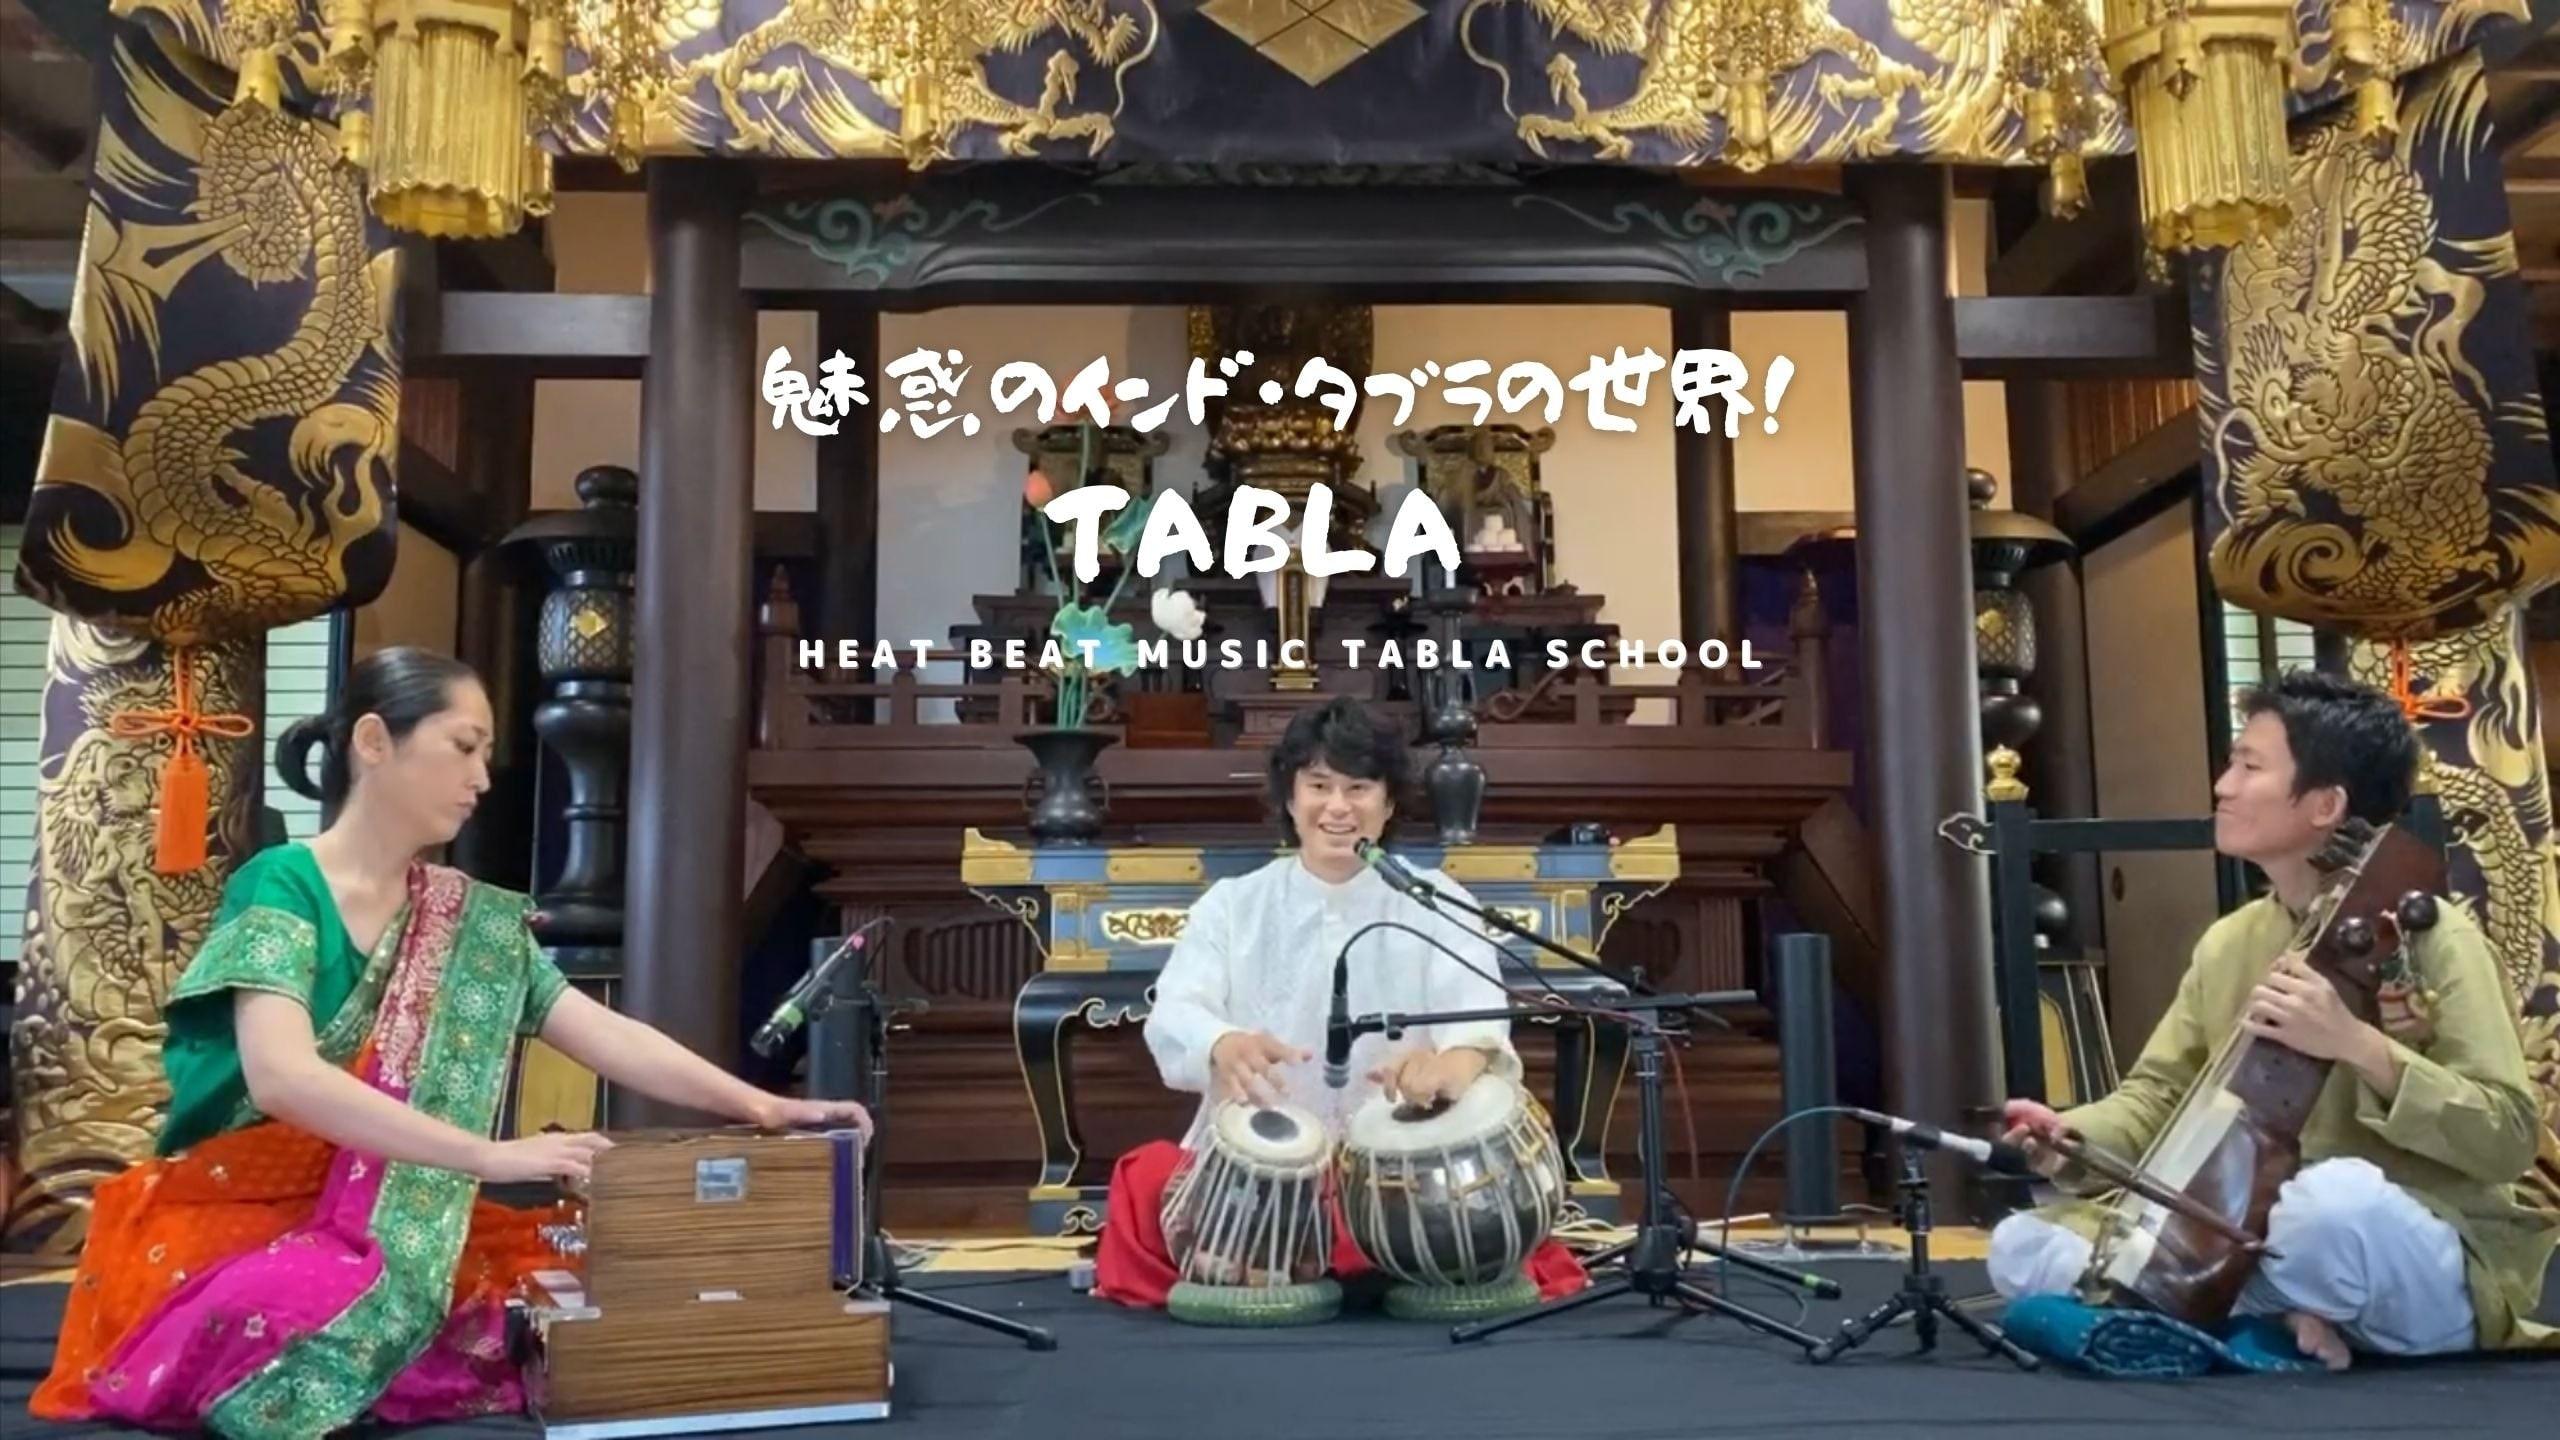 信松院御本堂でのタブラソロ奉納演奏